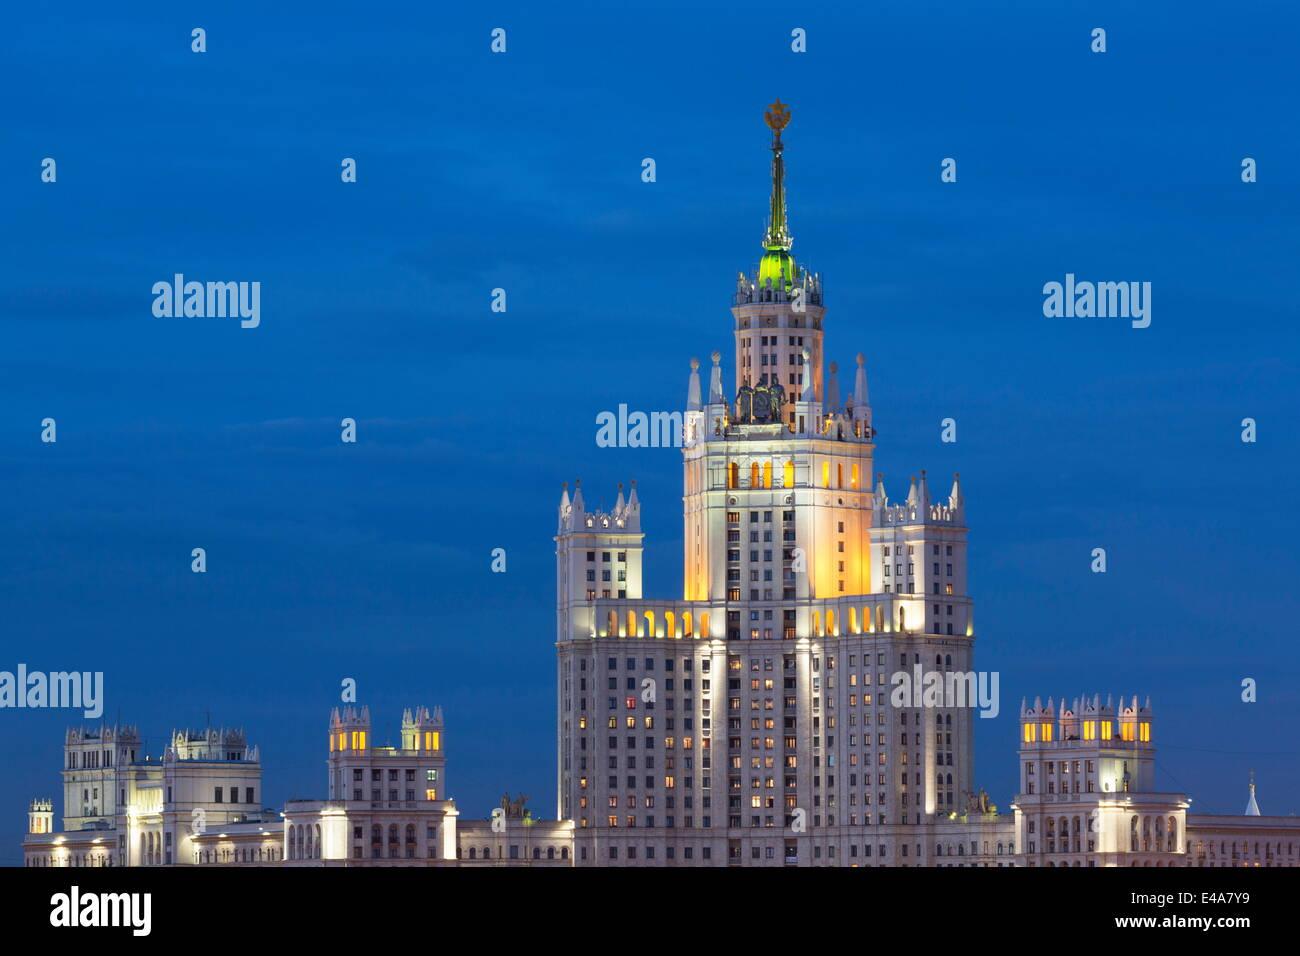 Moskau Skyline bei Nacht mit Stalanist-gotische Wolkenkratzer, Moskau, Russland, Europa Stockfoto